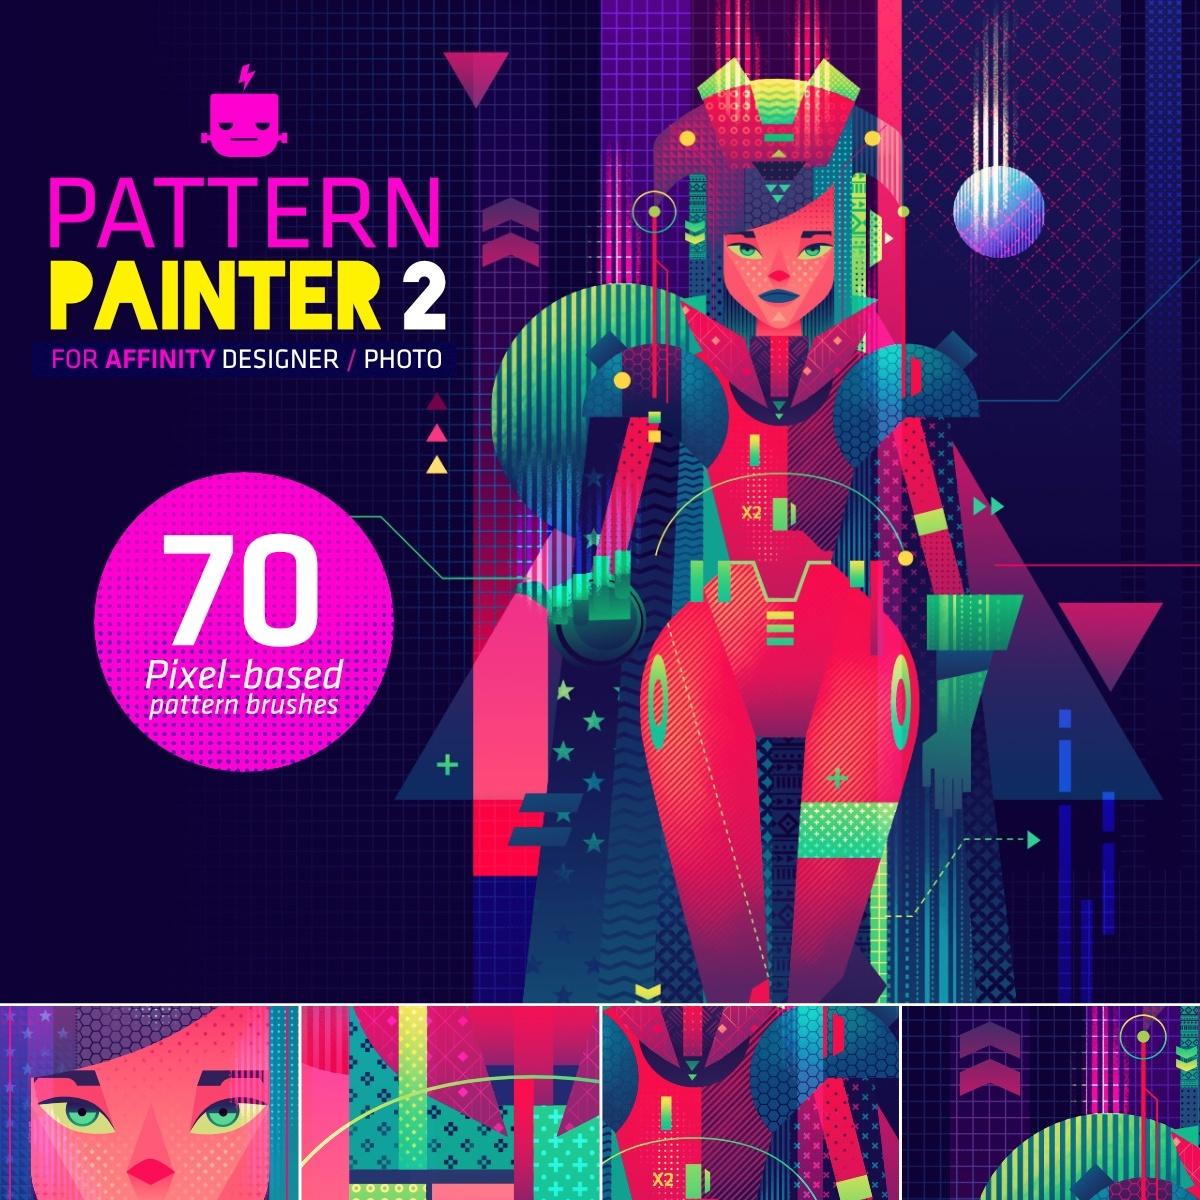 Pattern Painter 2 - Brush Pack for Affinity Designer / Photo